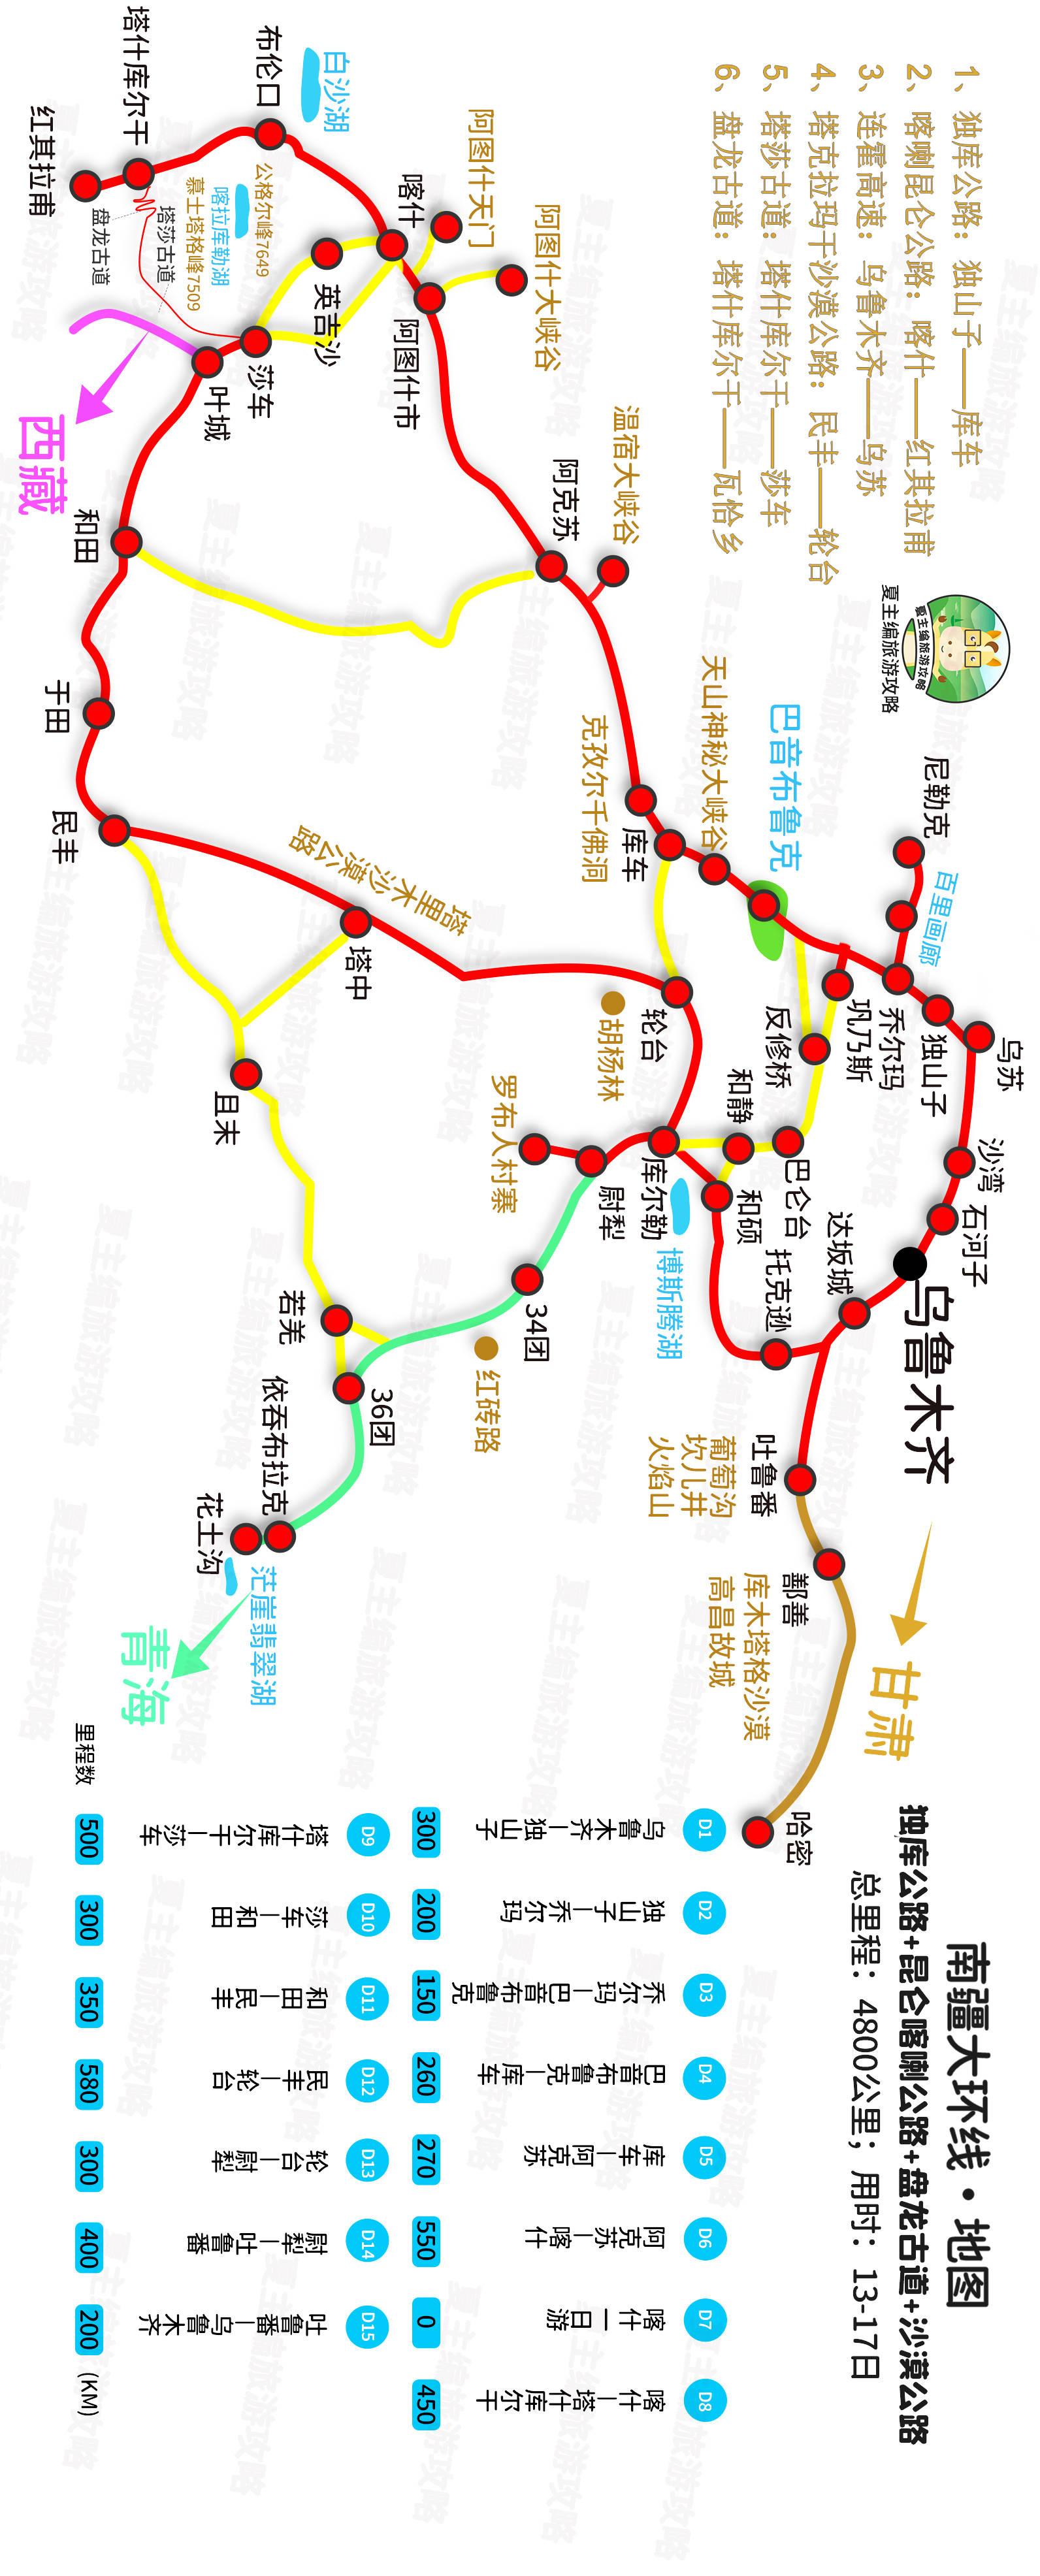 新疆地图全集高清版:包含南北疆大环线、独库公路、喀喇昆仑公路_旅游